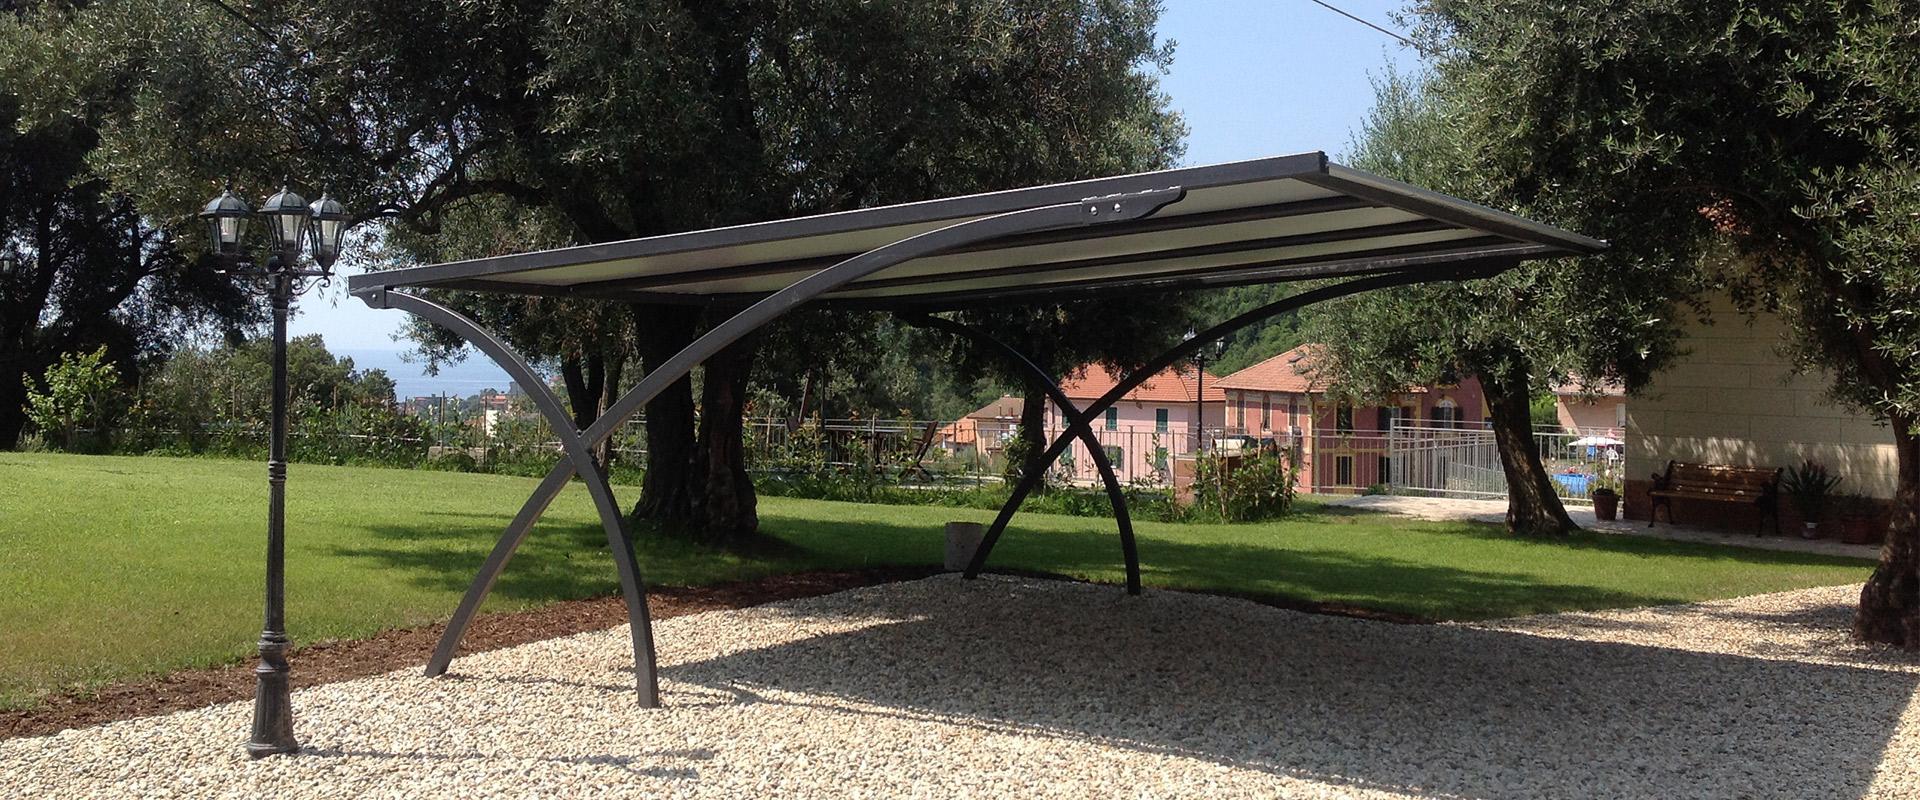 Sistemi di copertura per auto parcheggi ombreggianti antigrandine tettoie - Coperture x esterni ...